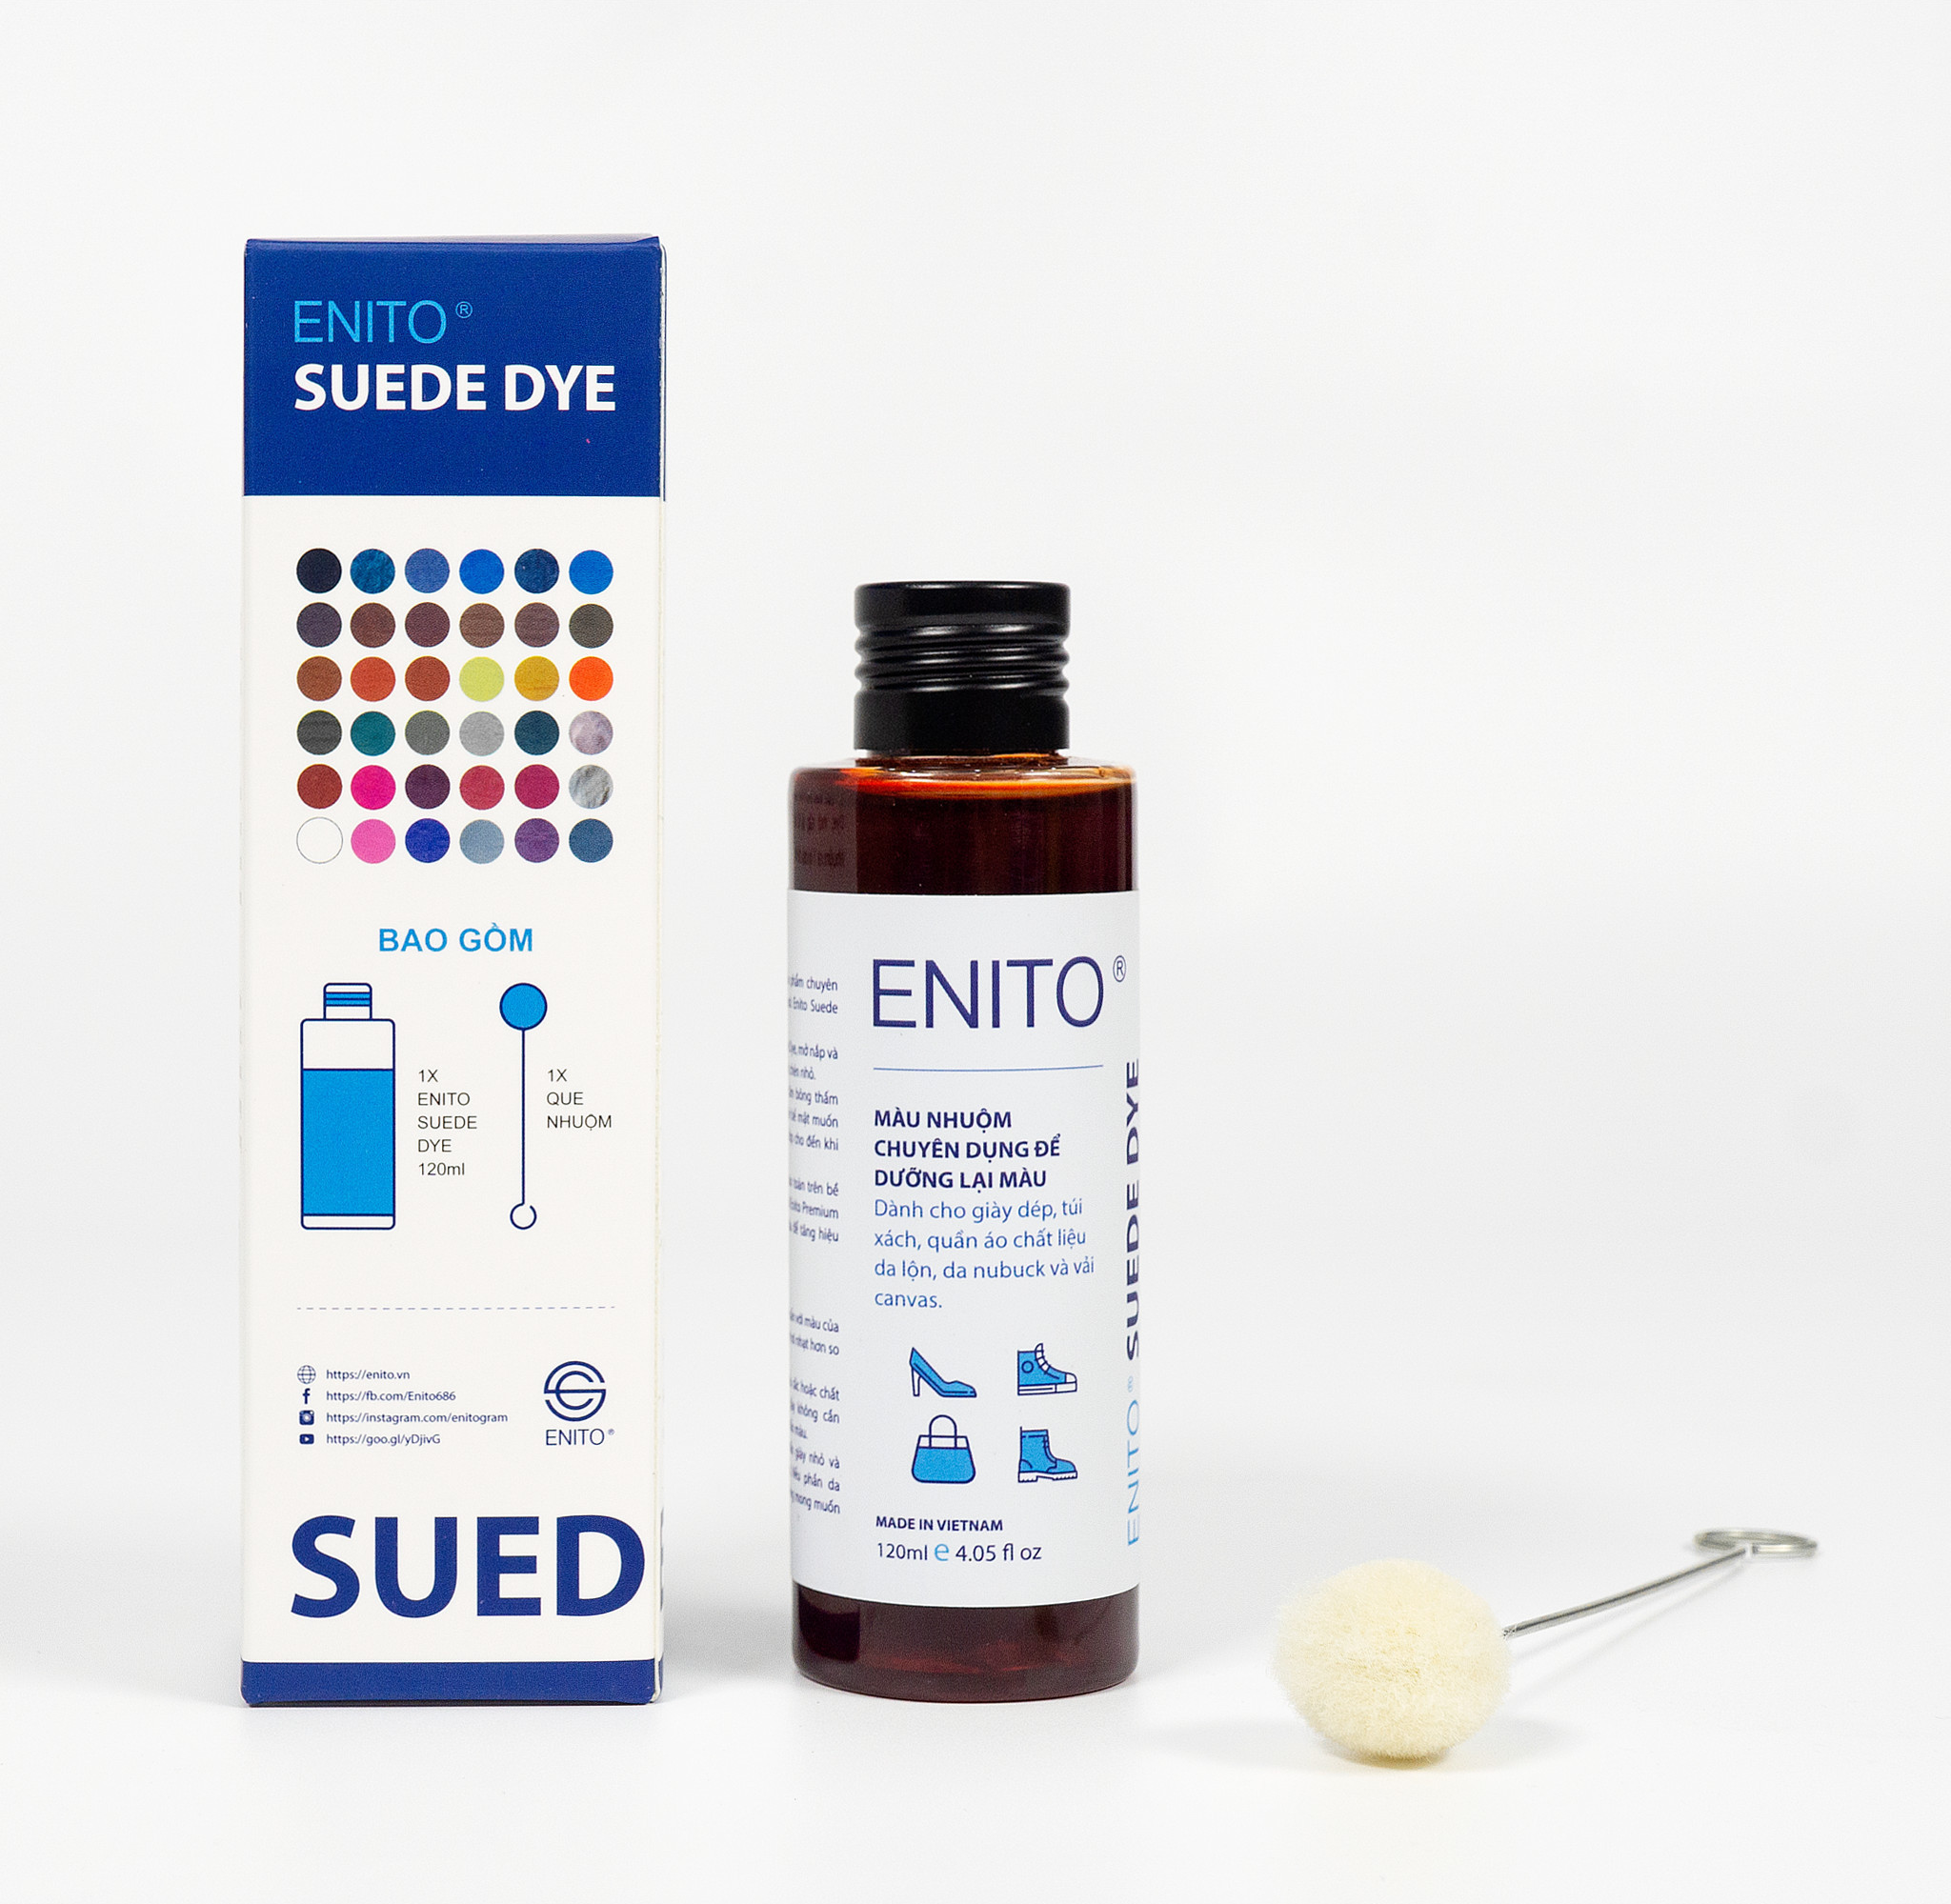 Màu Nhuộm Da Lộn Enito Suede Dye - Chuyên Dùng Để Dưỡng Lại Màu, Phục Hồi Màu Cho Giày Da Lộn